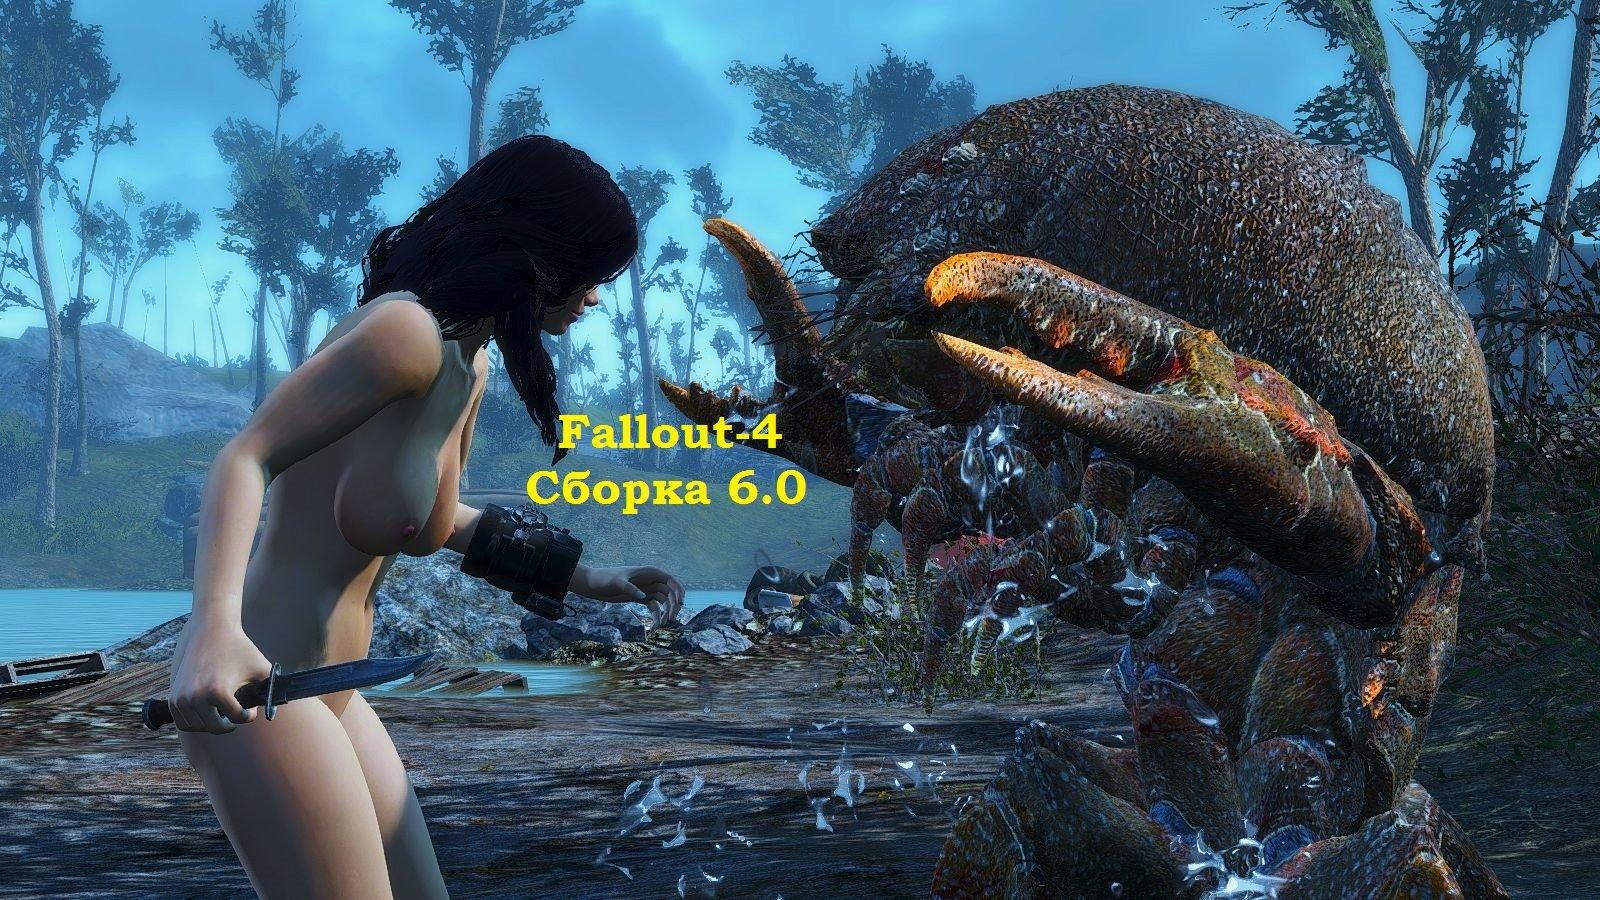 Обложка (2) Fallout-4 (сборка 6.0)